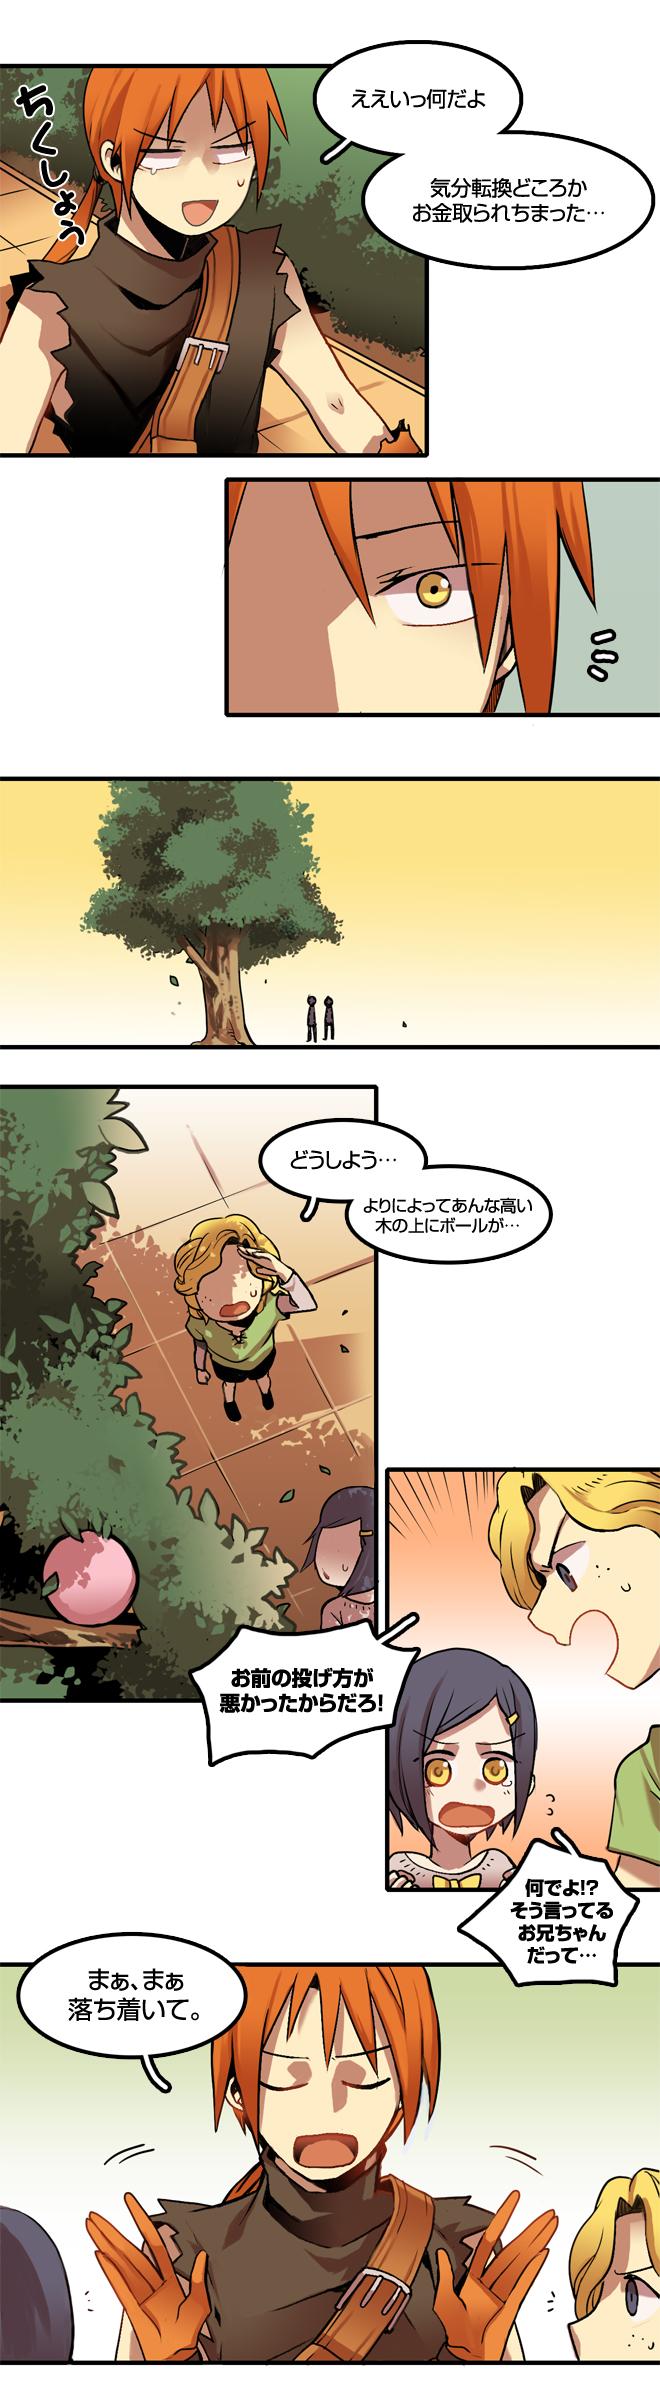 TW_Comic_4_007.jpg